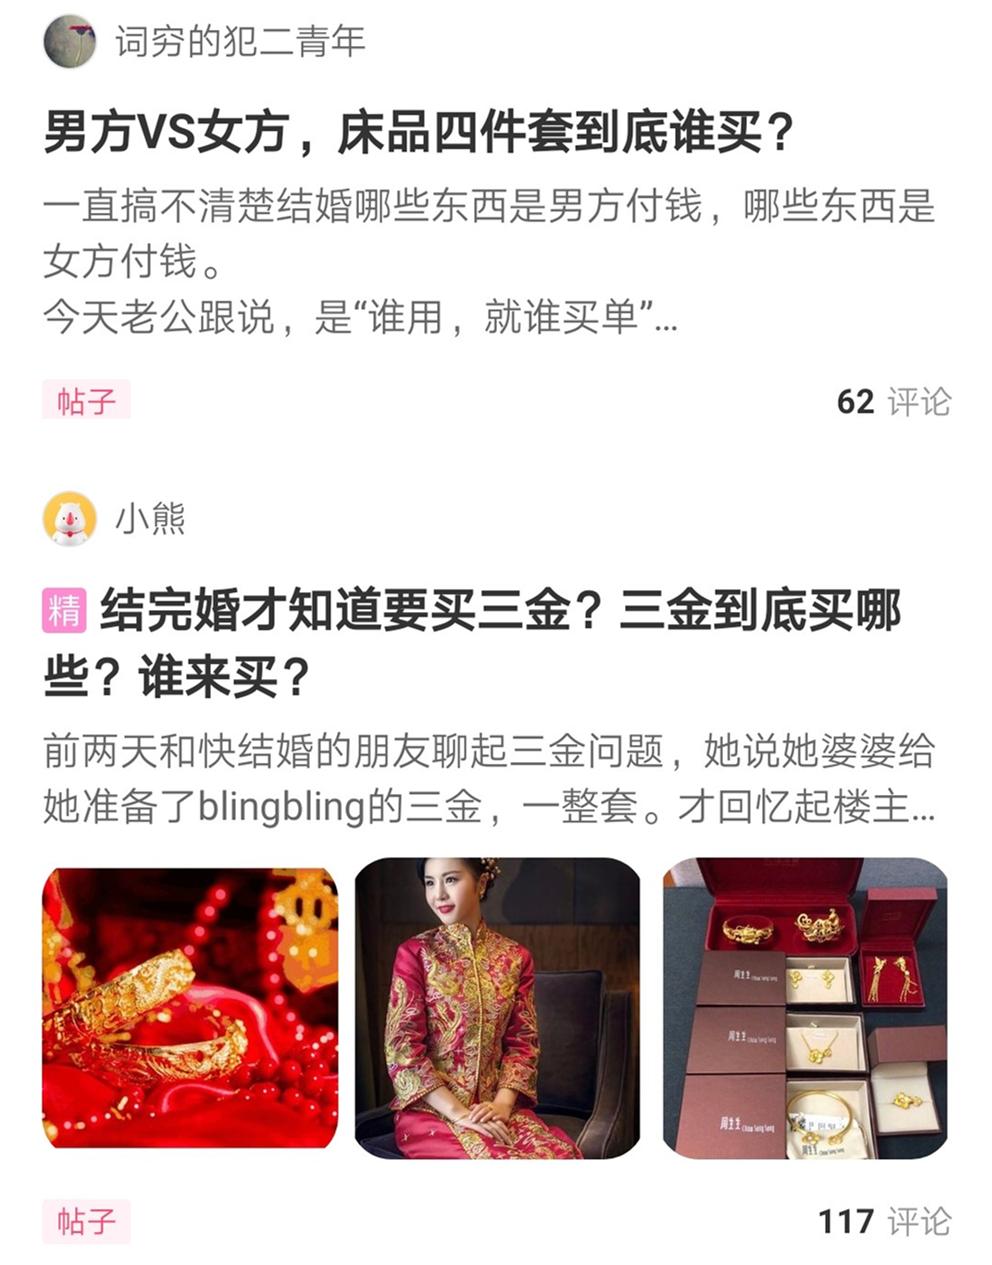 关于下载app领彩金37谁应该买什么的疑问